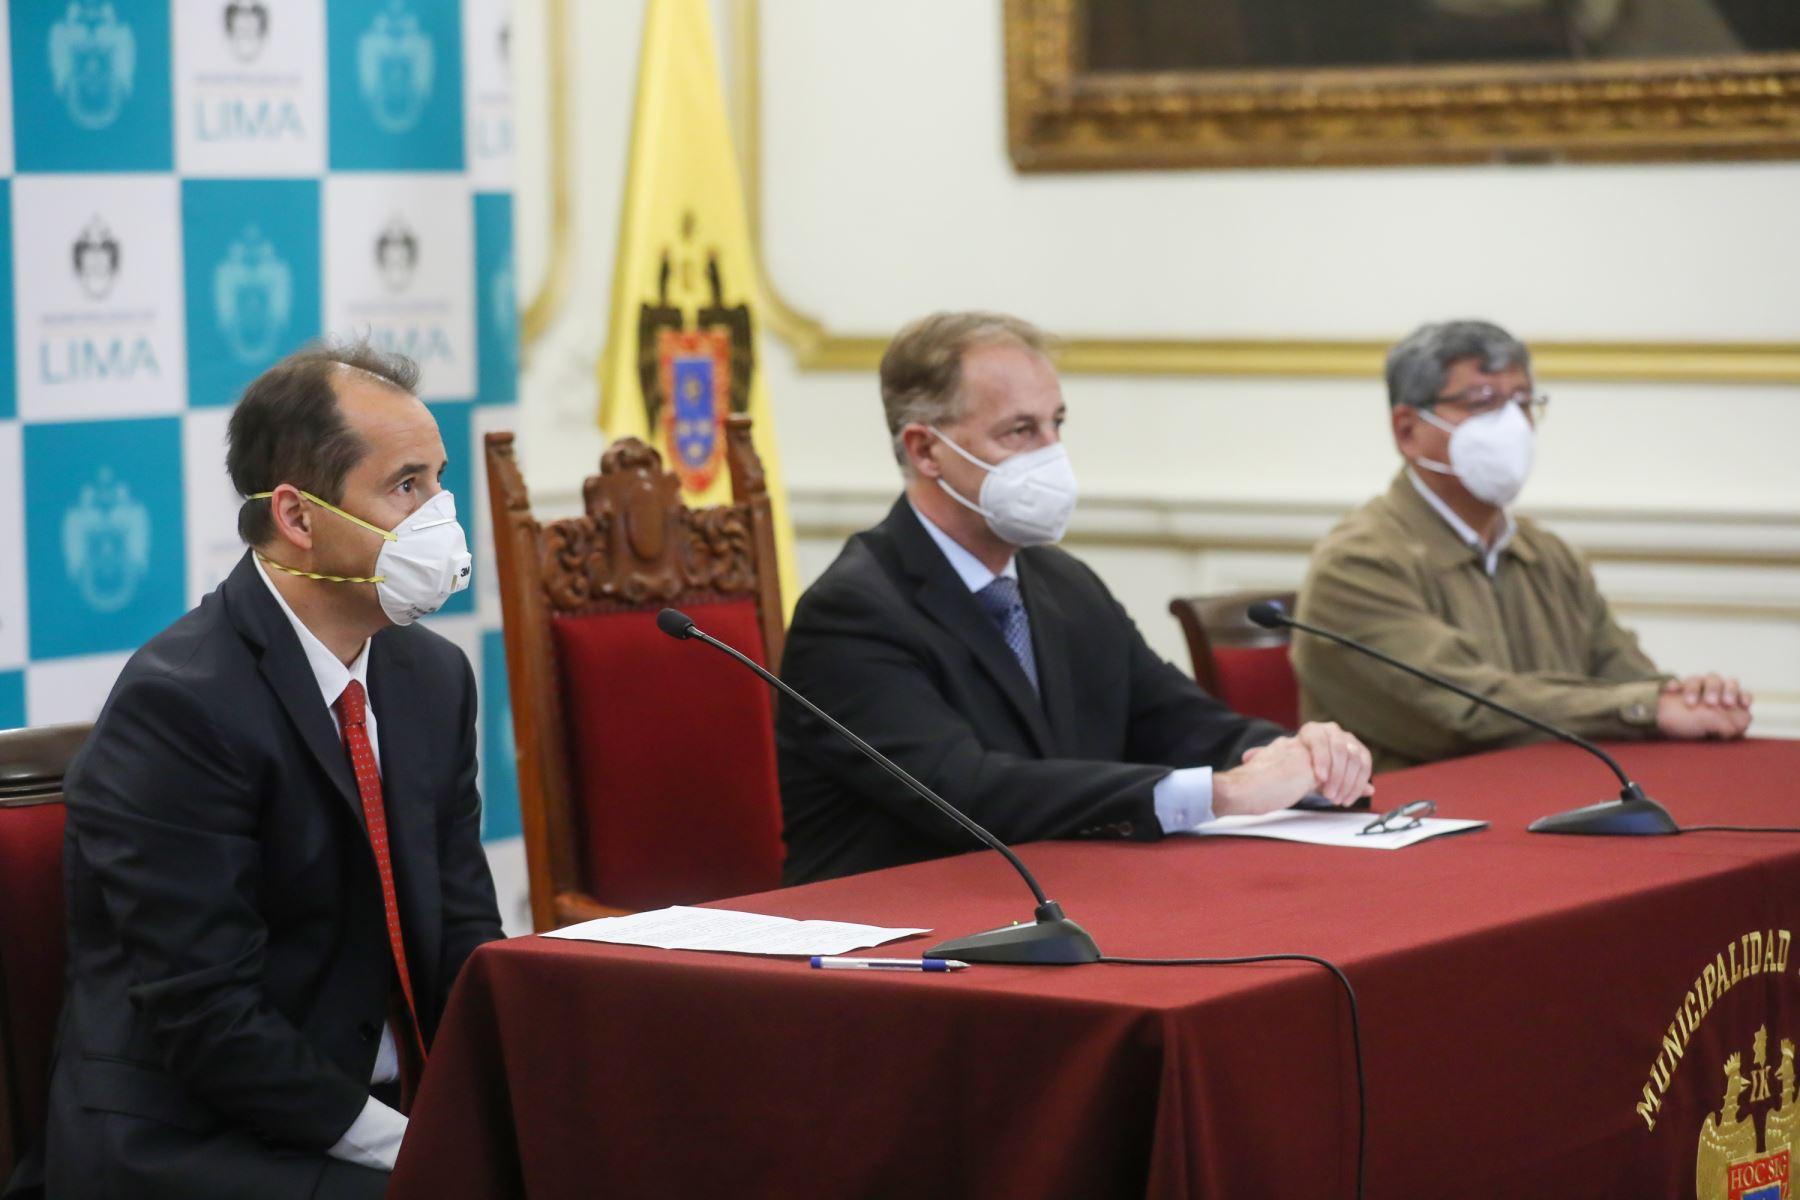 El alcalde de Lima, Jorge Muñoz y la Embajada de República Checa firman un convenio de cooperación internacional para enfrentar el Covid-19. Foto: ANDINA/Municipalidad de Lima